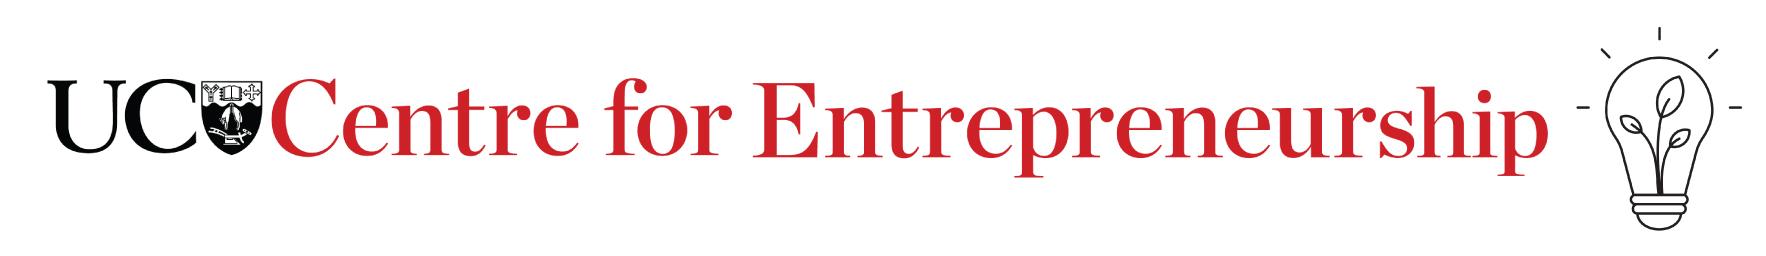 1 uce logo